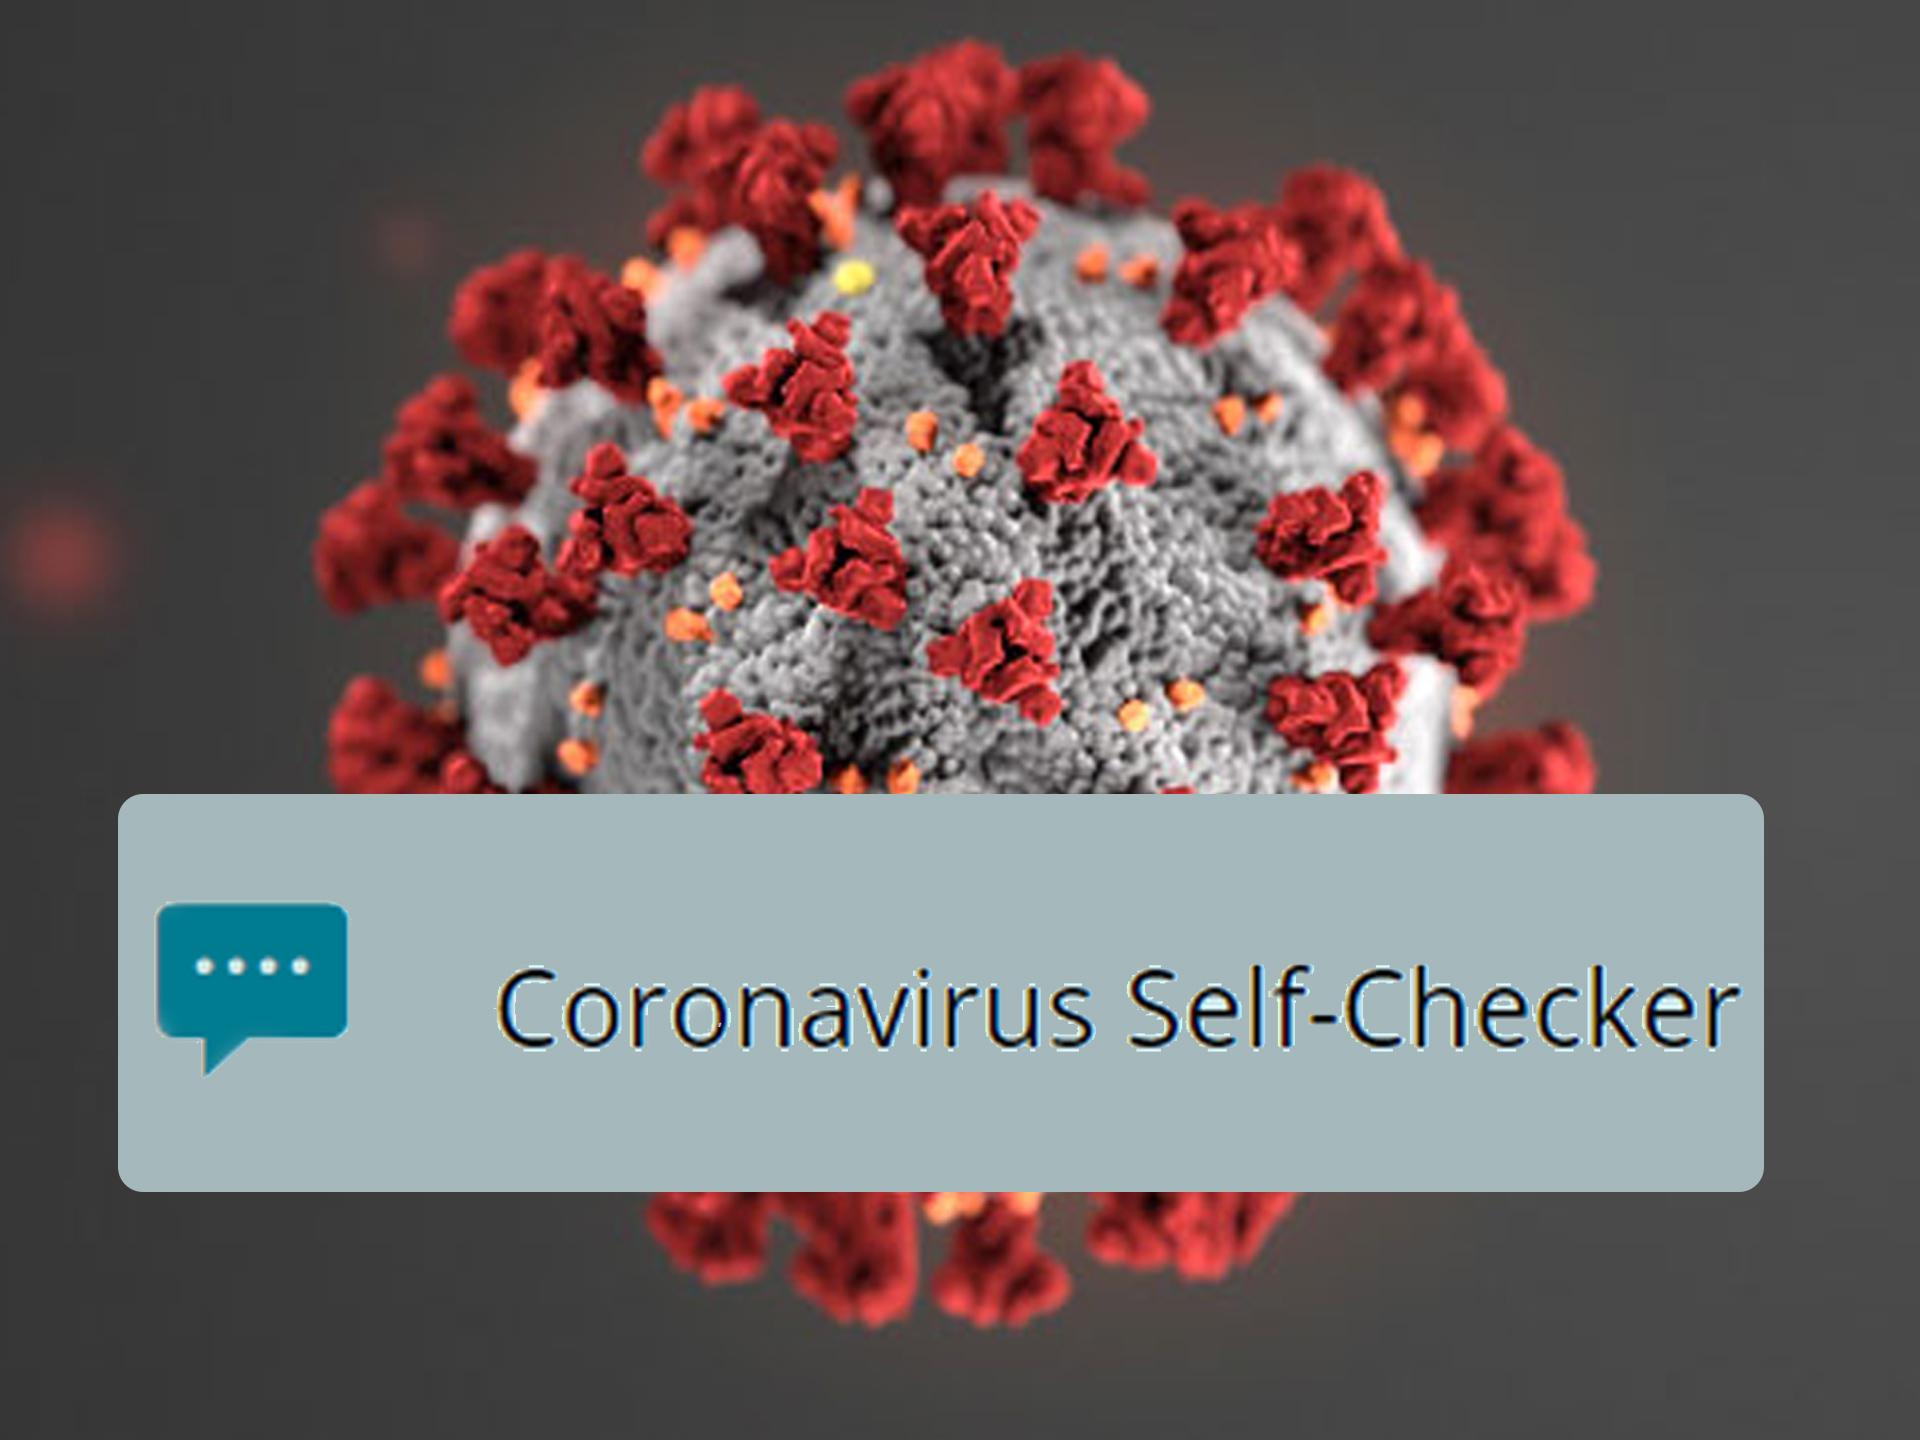 Coronavirus Self-Checker